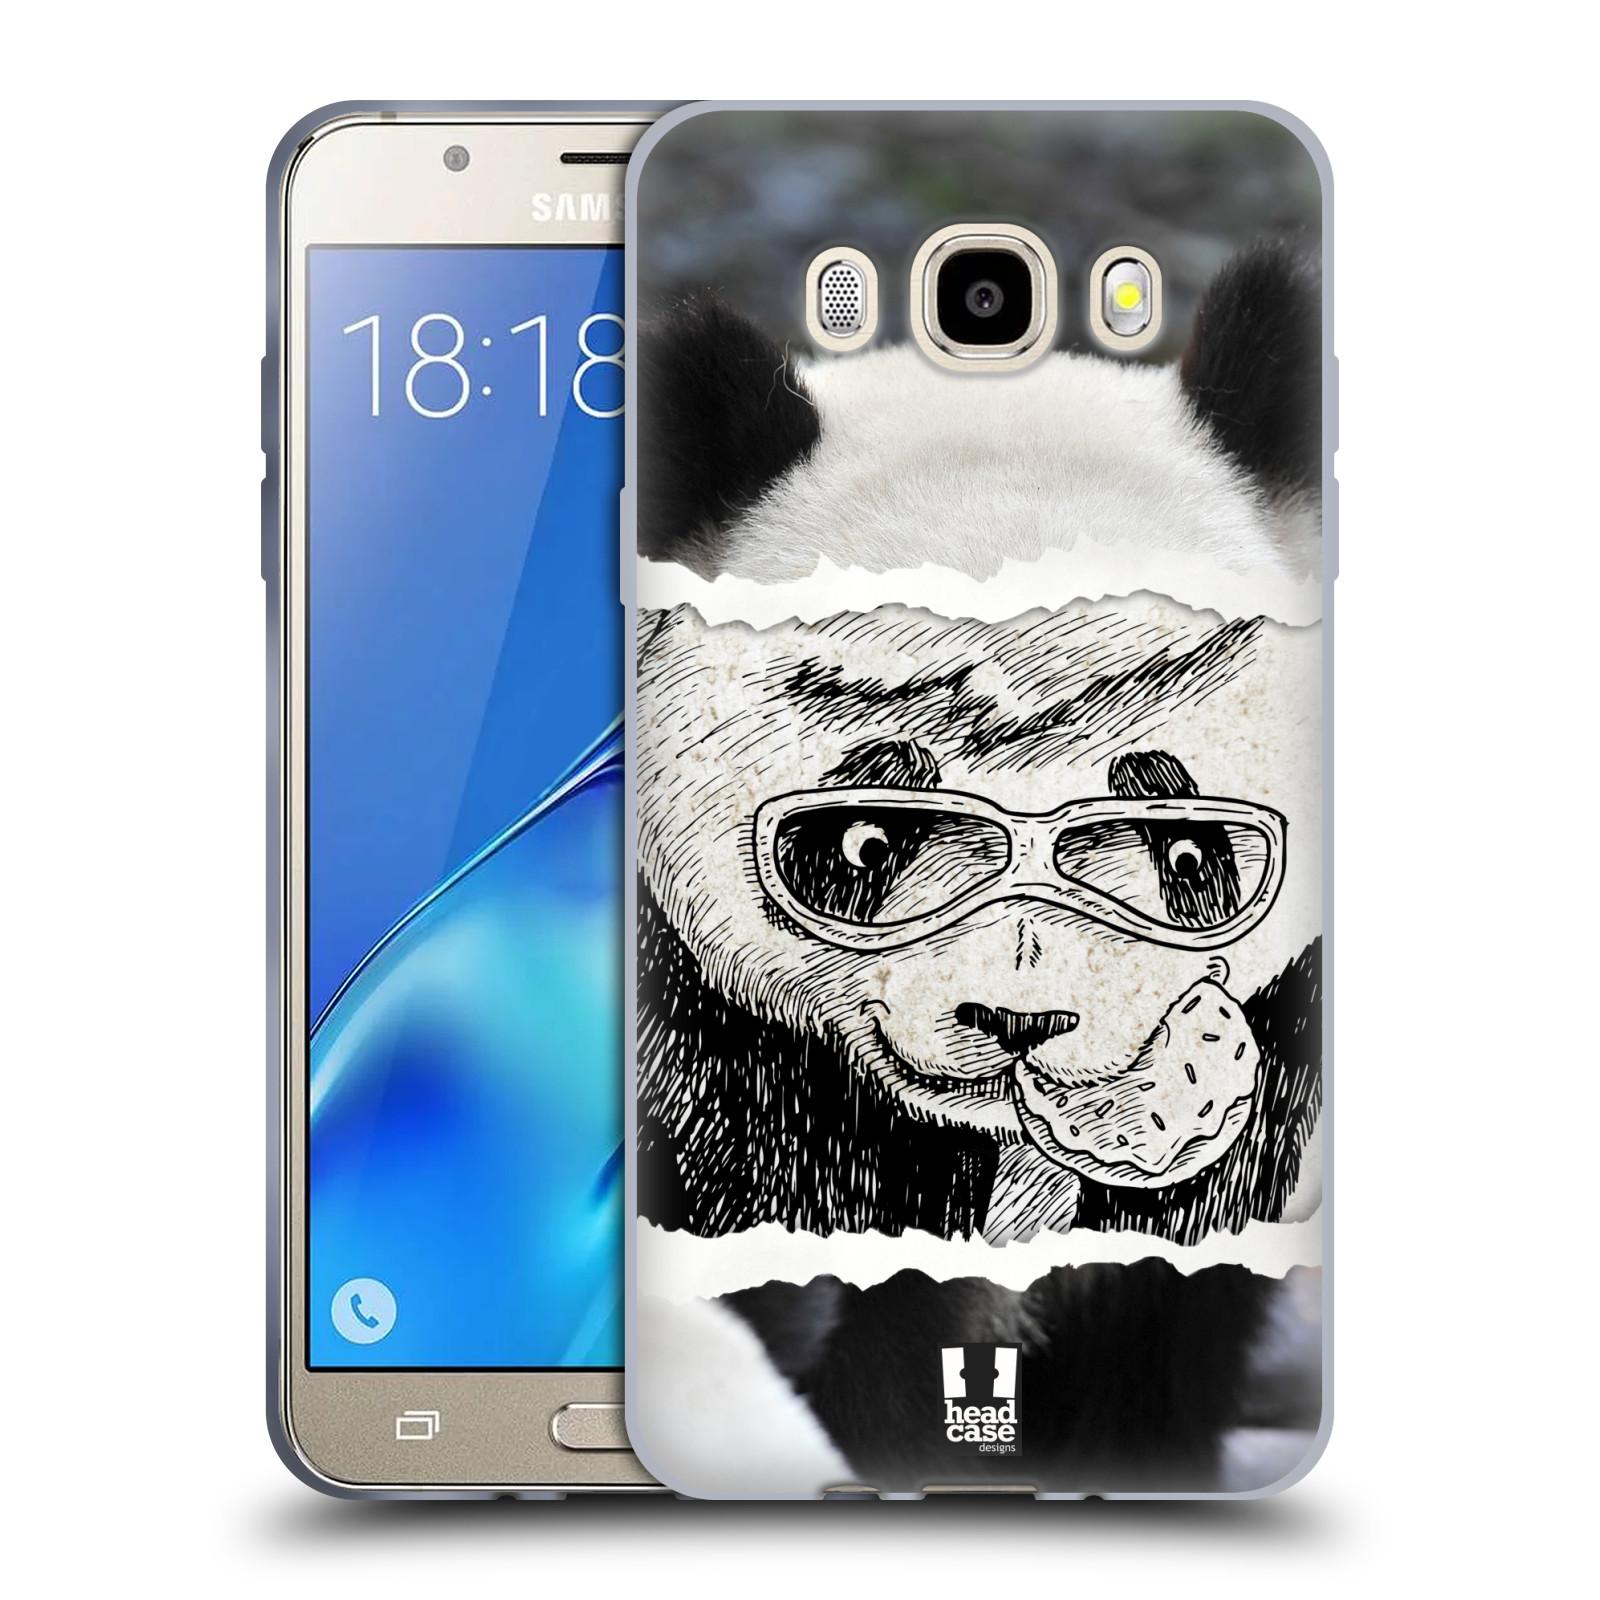 HEAD CASE silikonový obal, kryt na mobil Samsung Galaxy J5 2016, J510, J510F, (J510F DUAL SIM) vzor zvířata koláž roztomilá panda